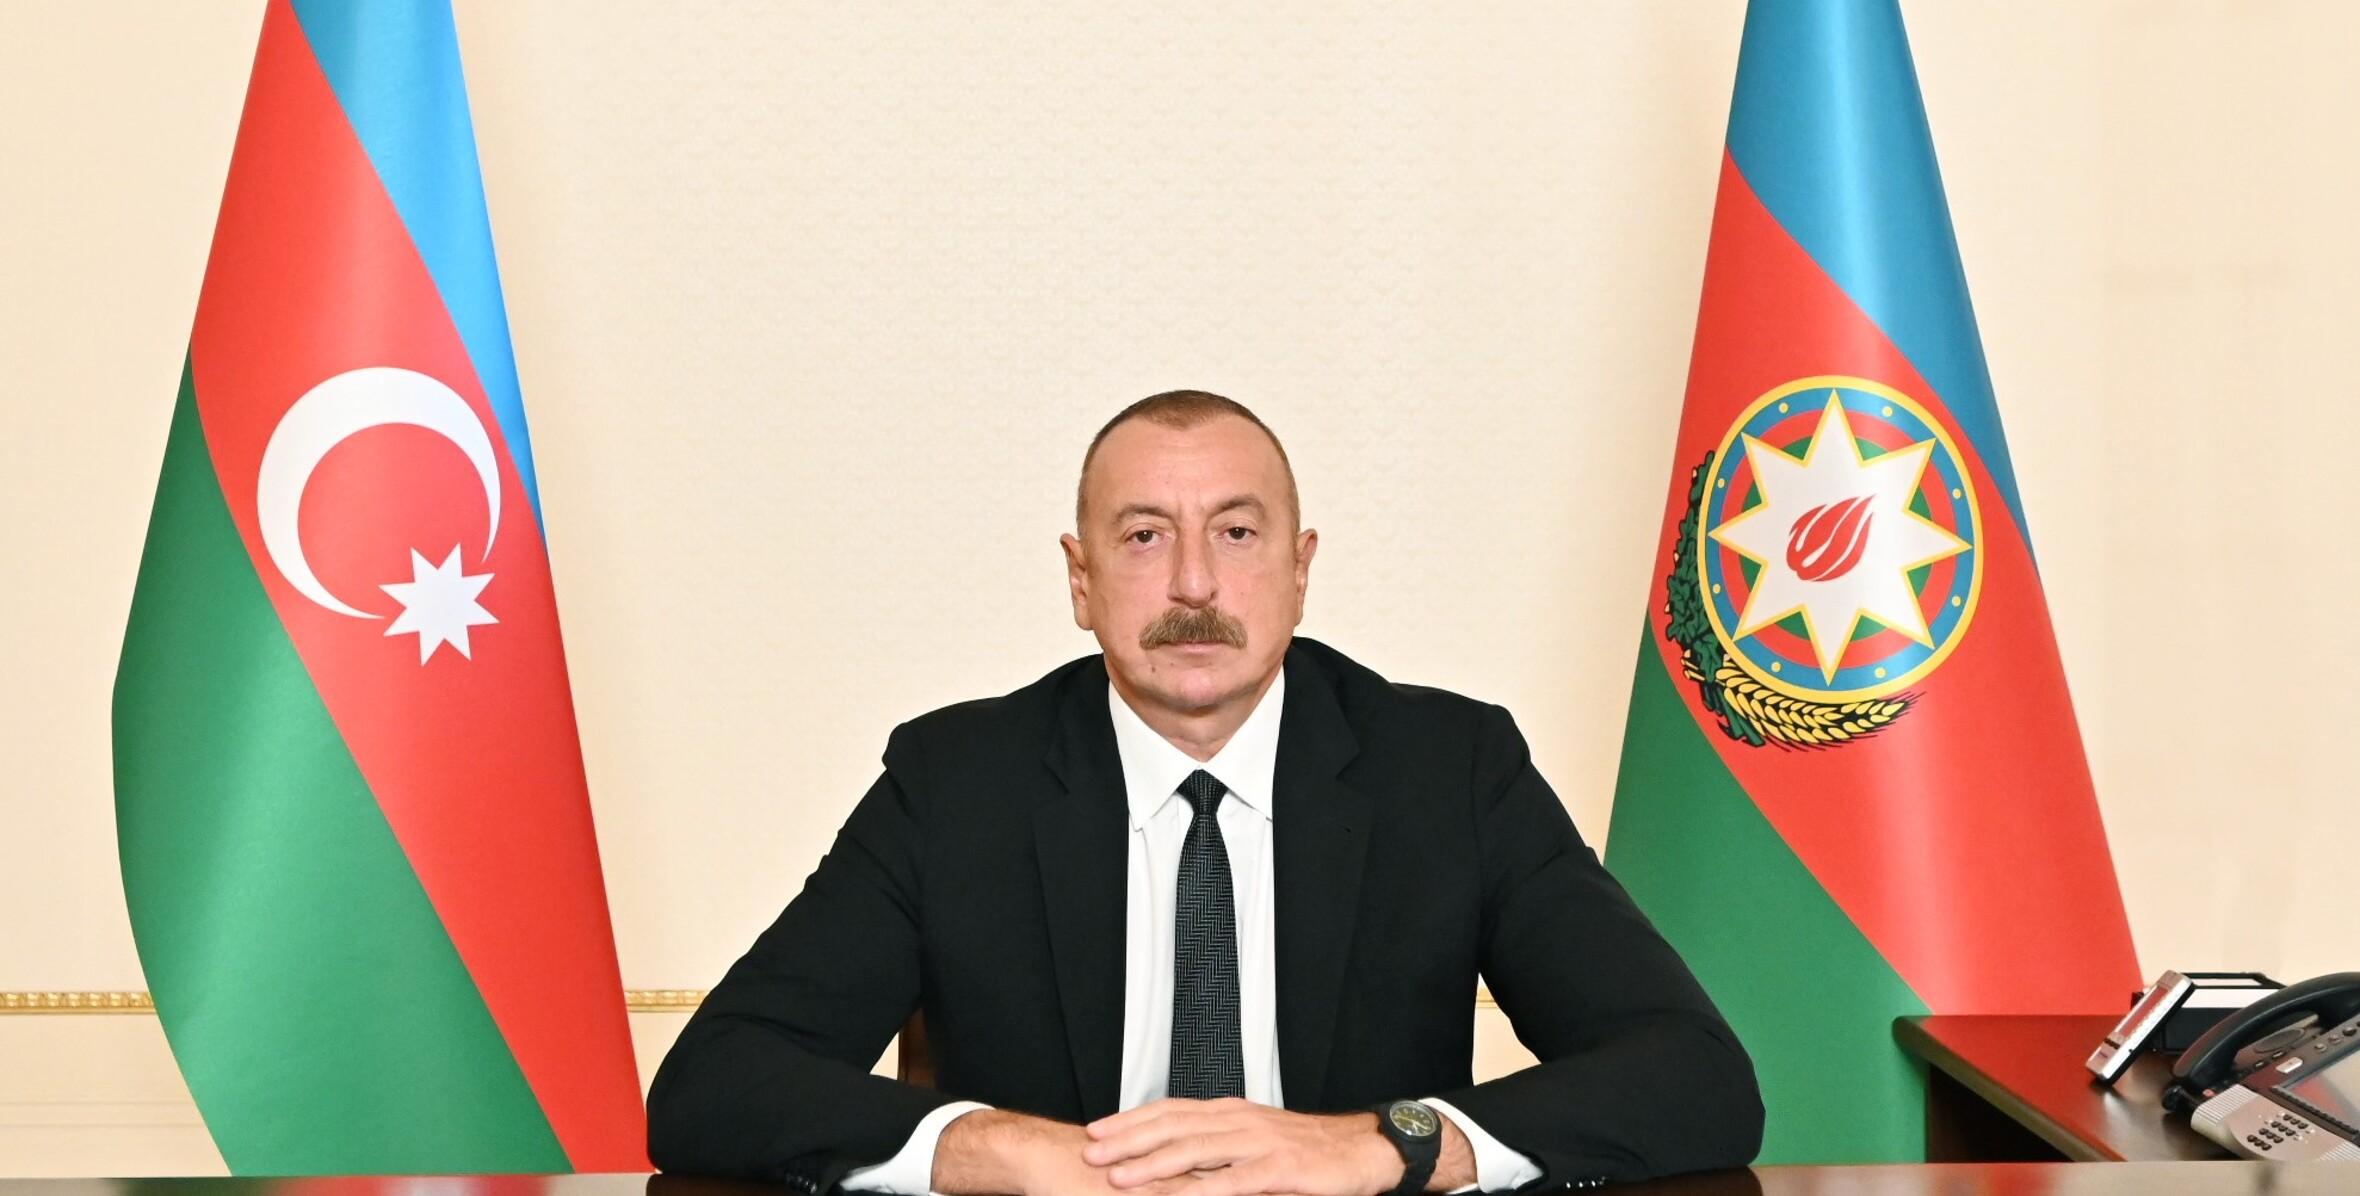 Алиев: Нагорно-карабахский конфликт остался в прошлом